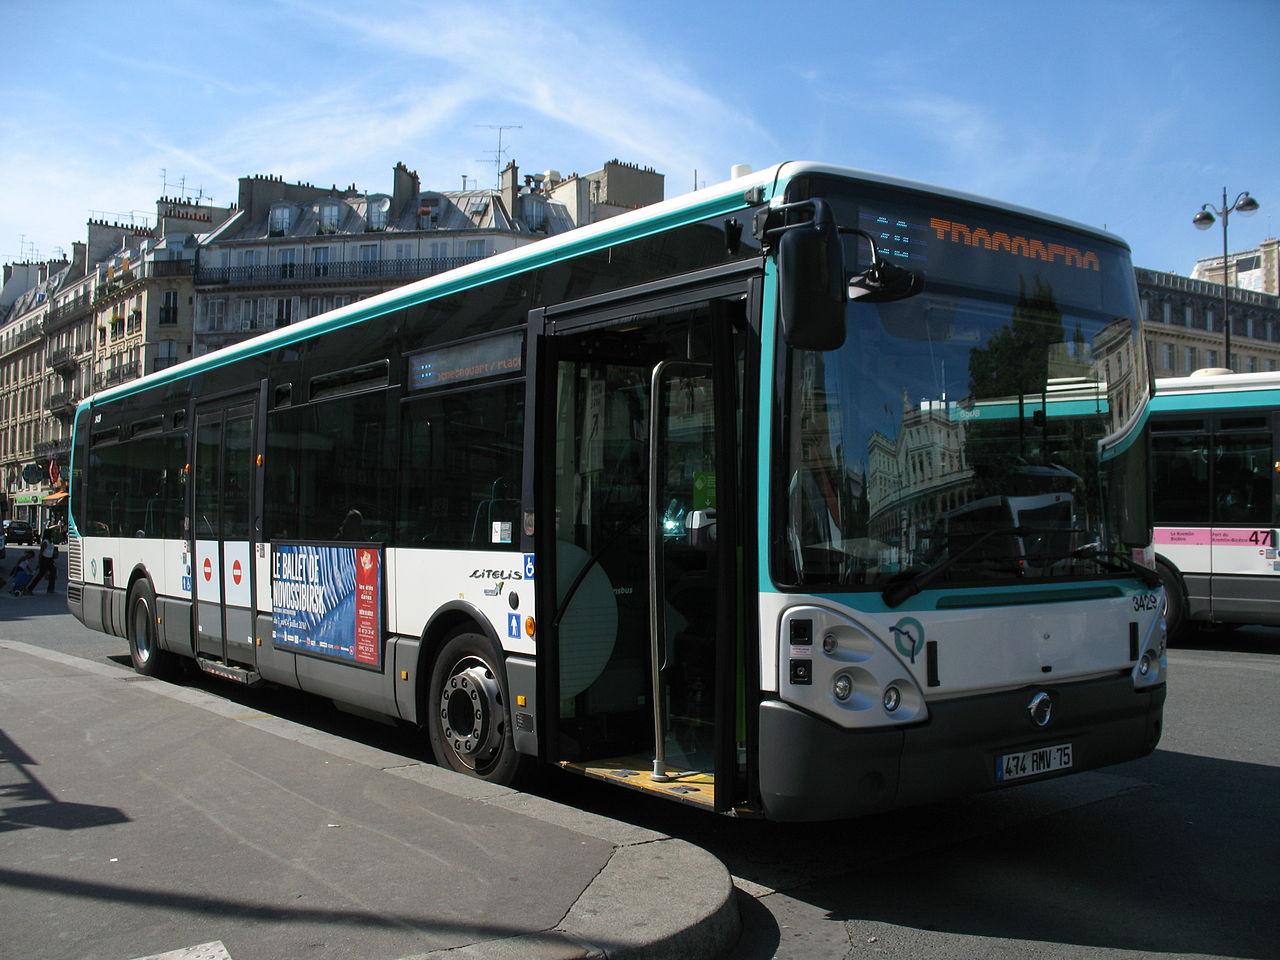 A l'occasion de son Conseil d'administration du 17 avril 2019, Île-de-France mobilités (ex-STIF), le syndicat des transports franciliens, présentera son compte financier 2018 et le soumettra au vote des administrateurs.